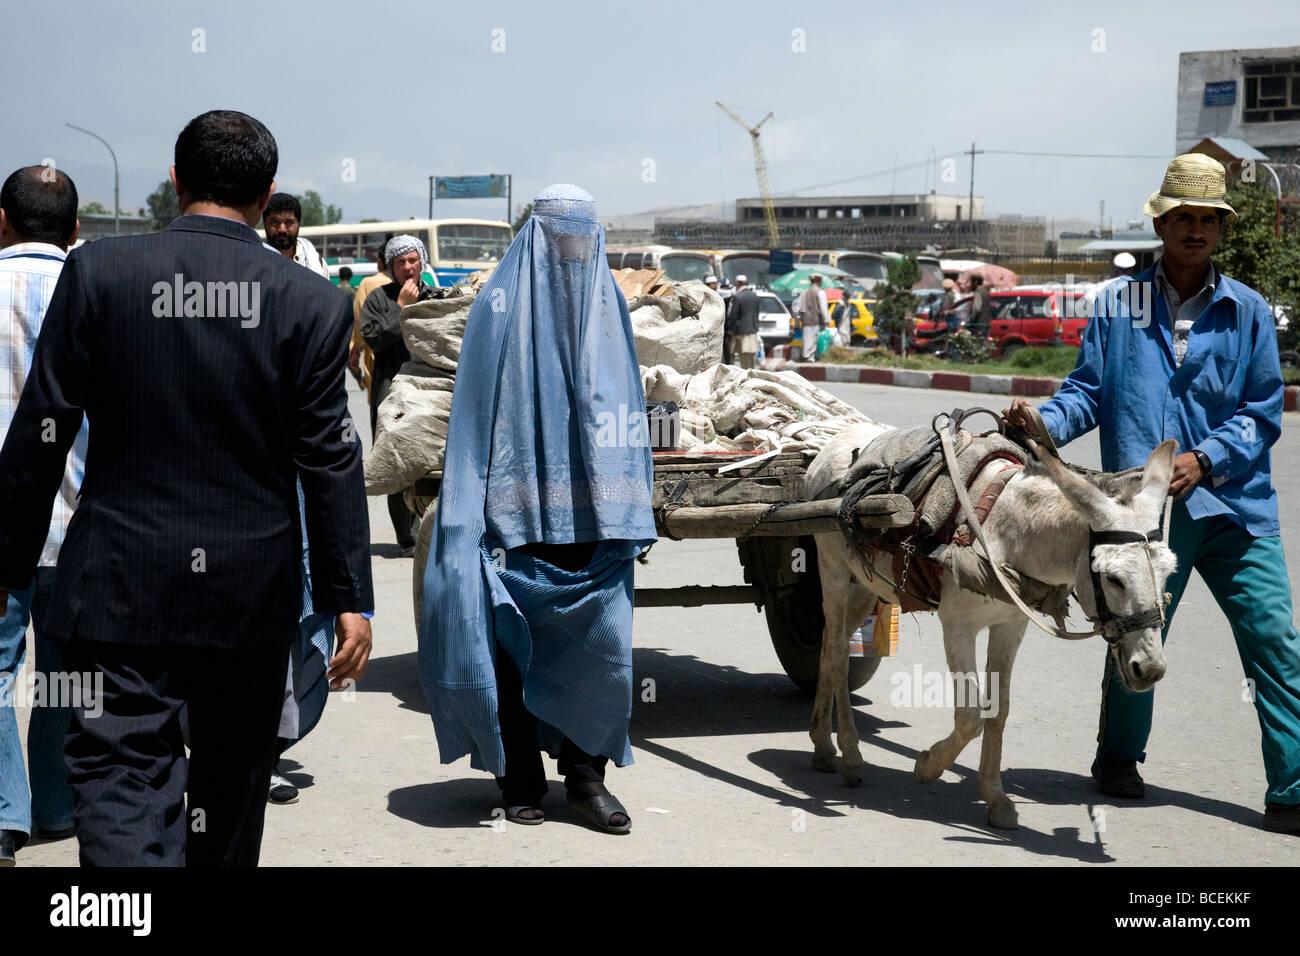 Un mix di vestiti e culture di business suit blu burqa a donkey cart in una trafficata strada di Kabul, Afghanistan Immagini Stock